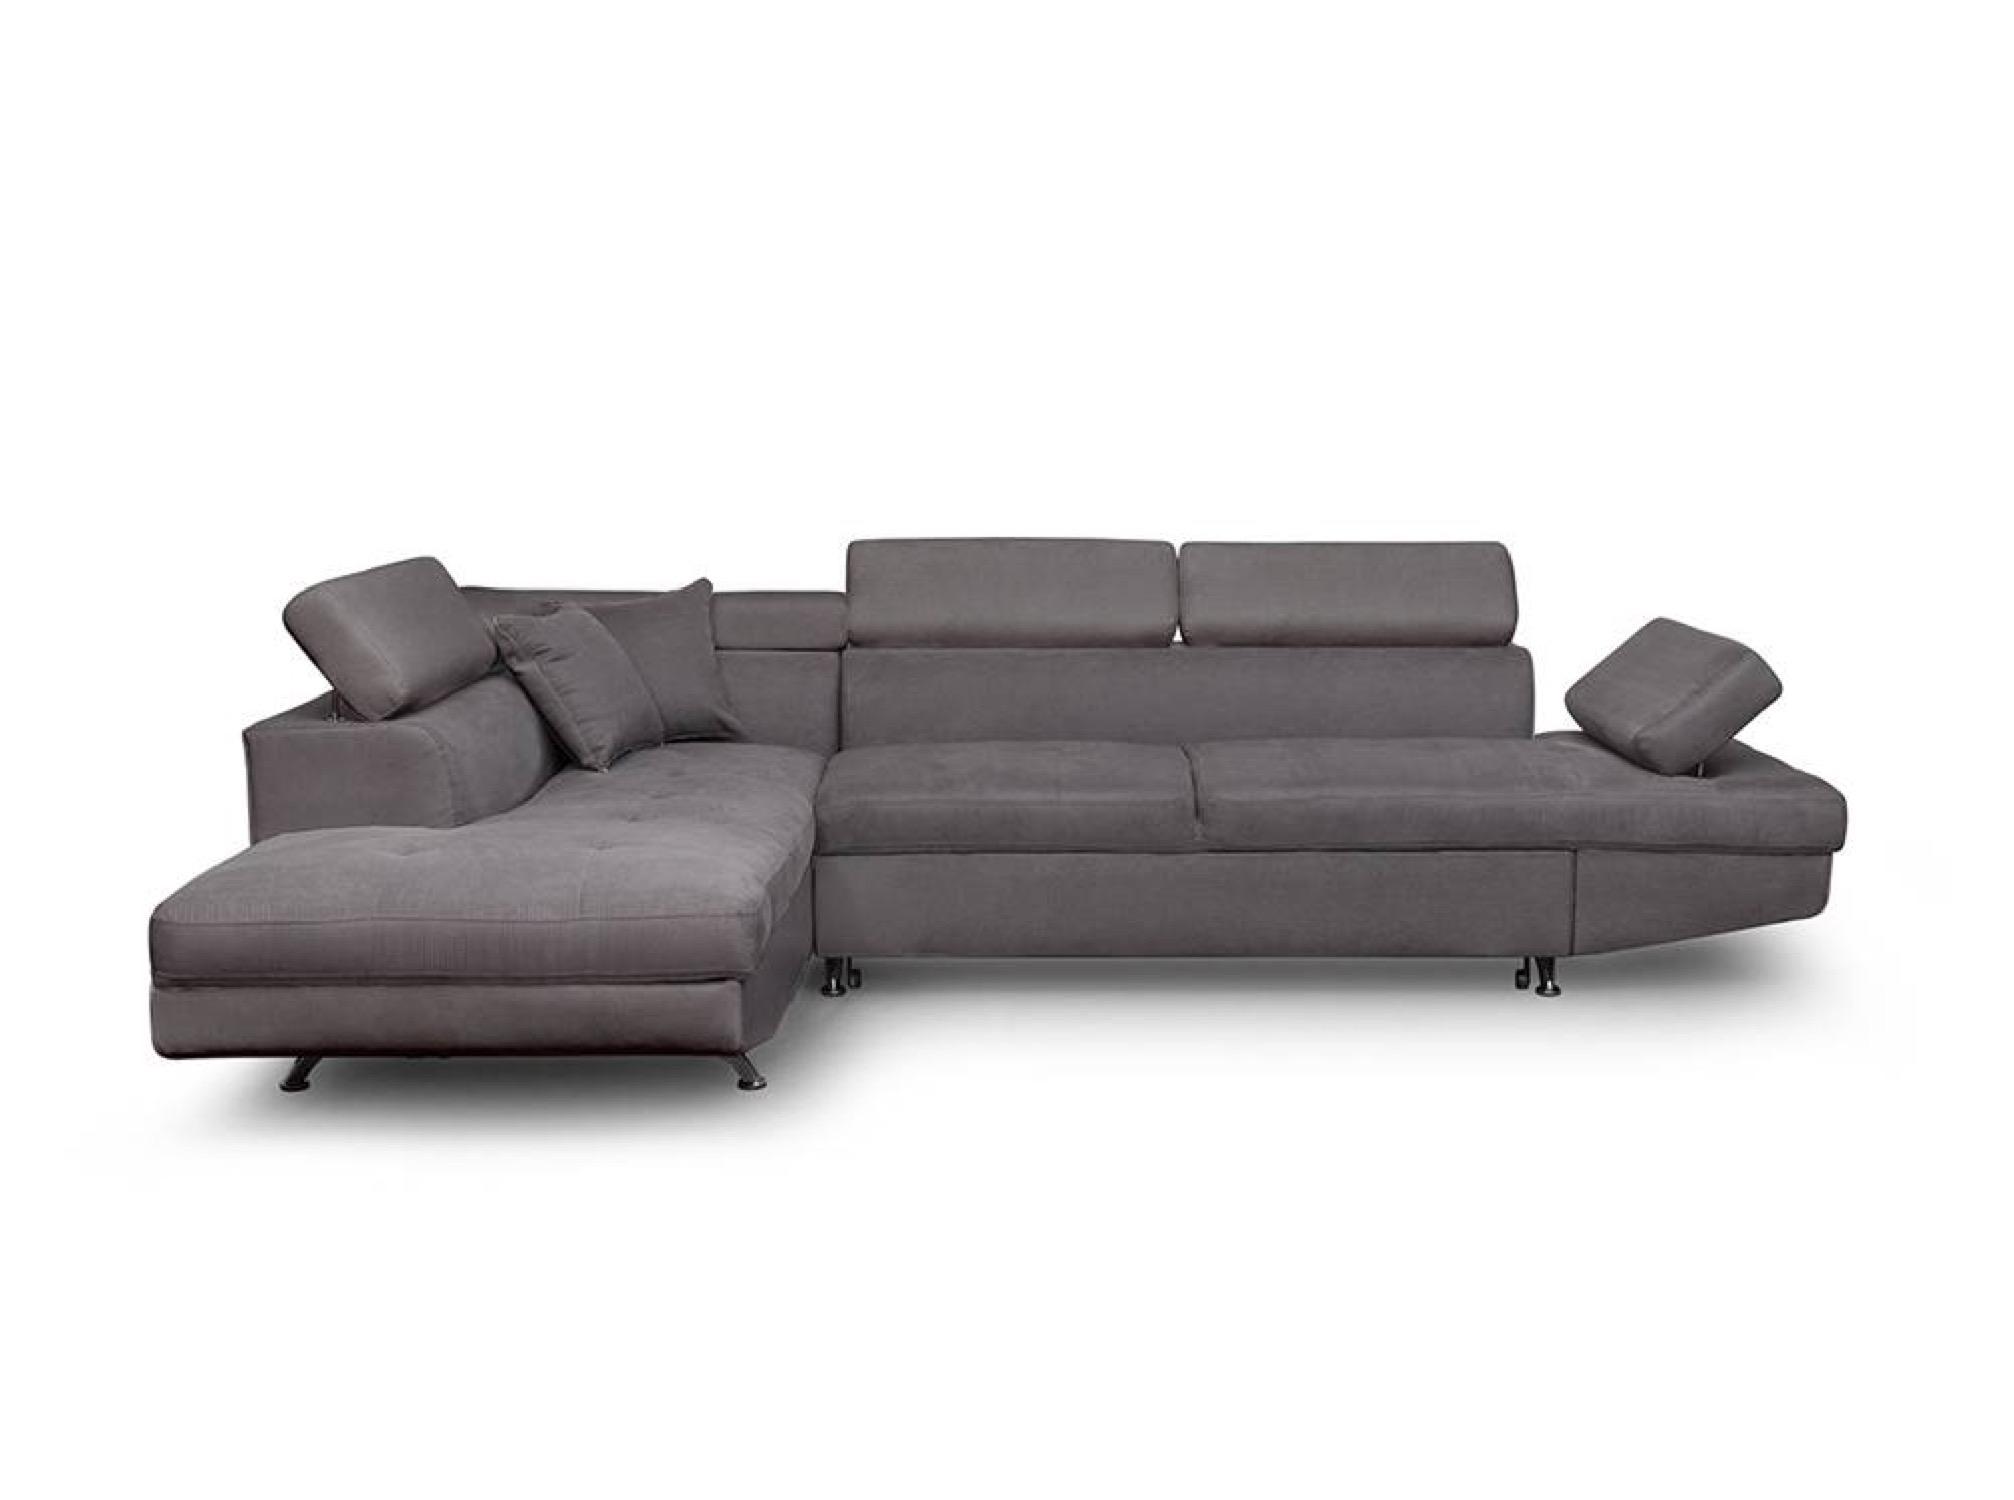 Canapé d'angle 5 places Gris Microfibre Contemporain Confort